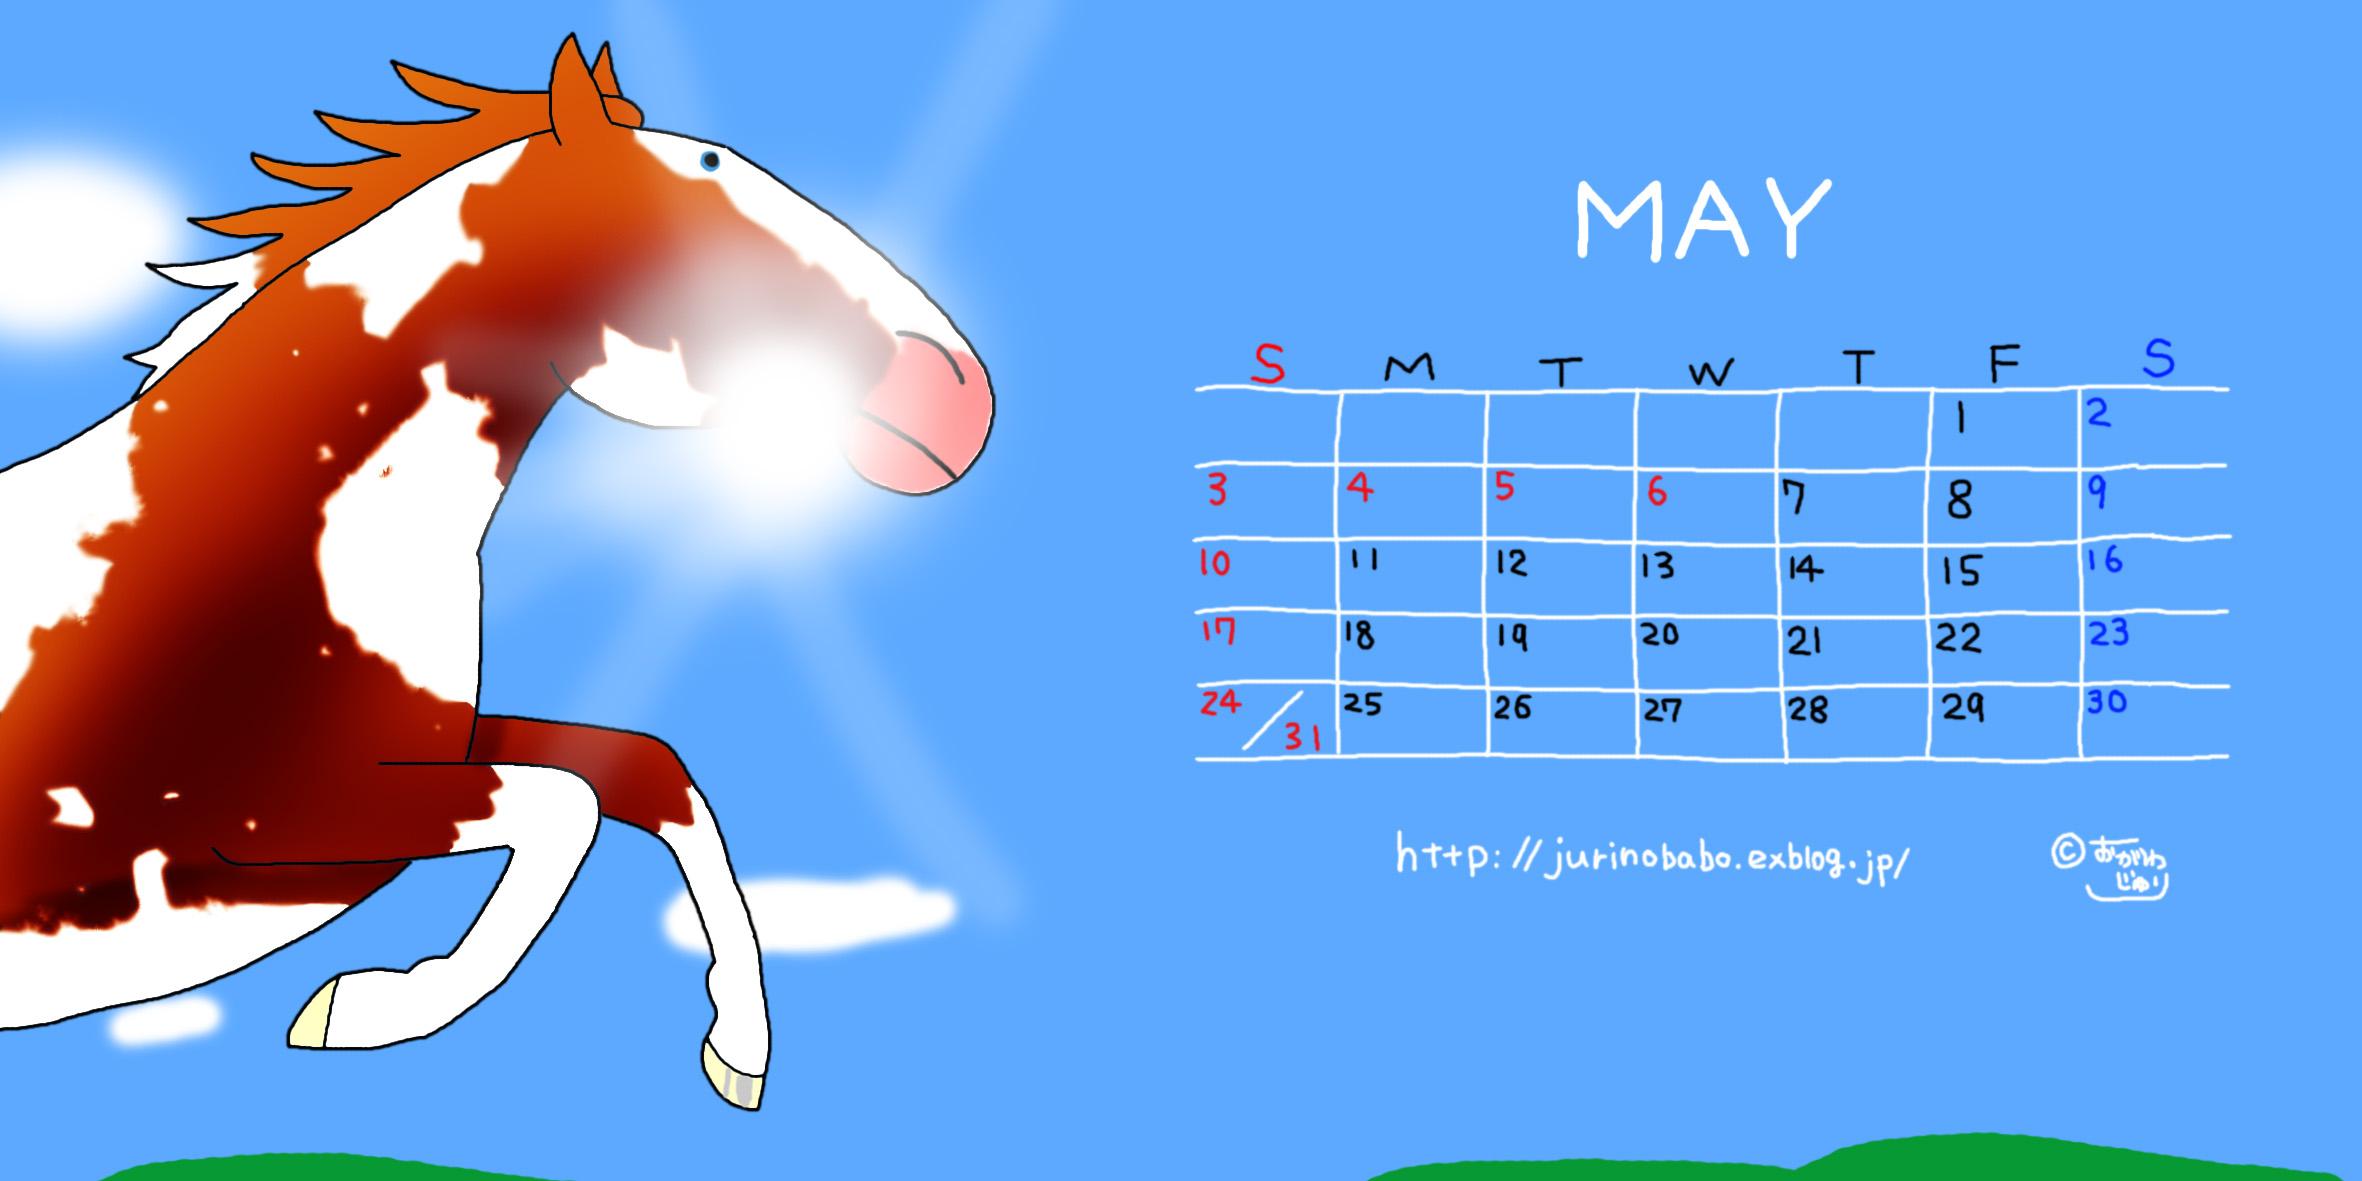 5月のカレンダー_a0093189_2236119.jpg